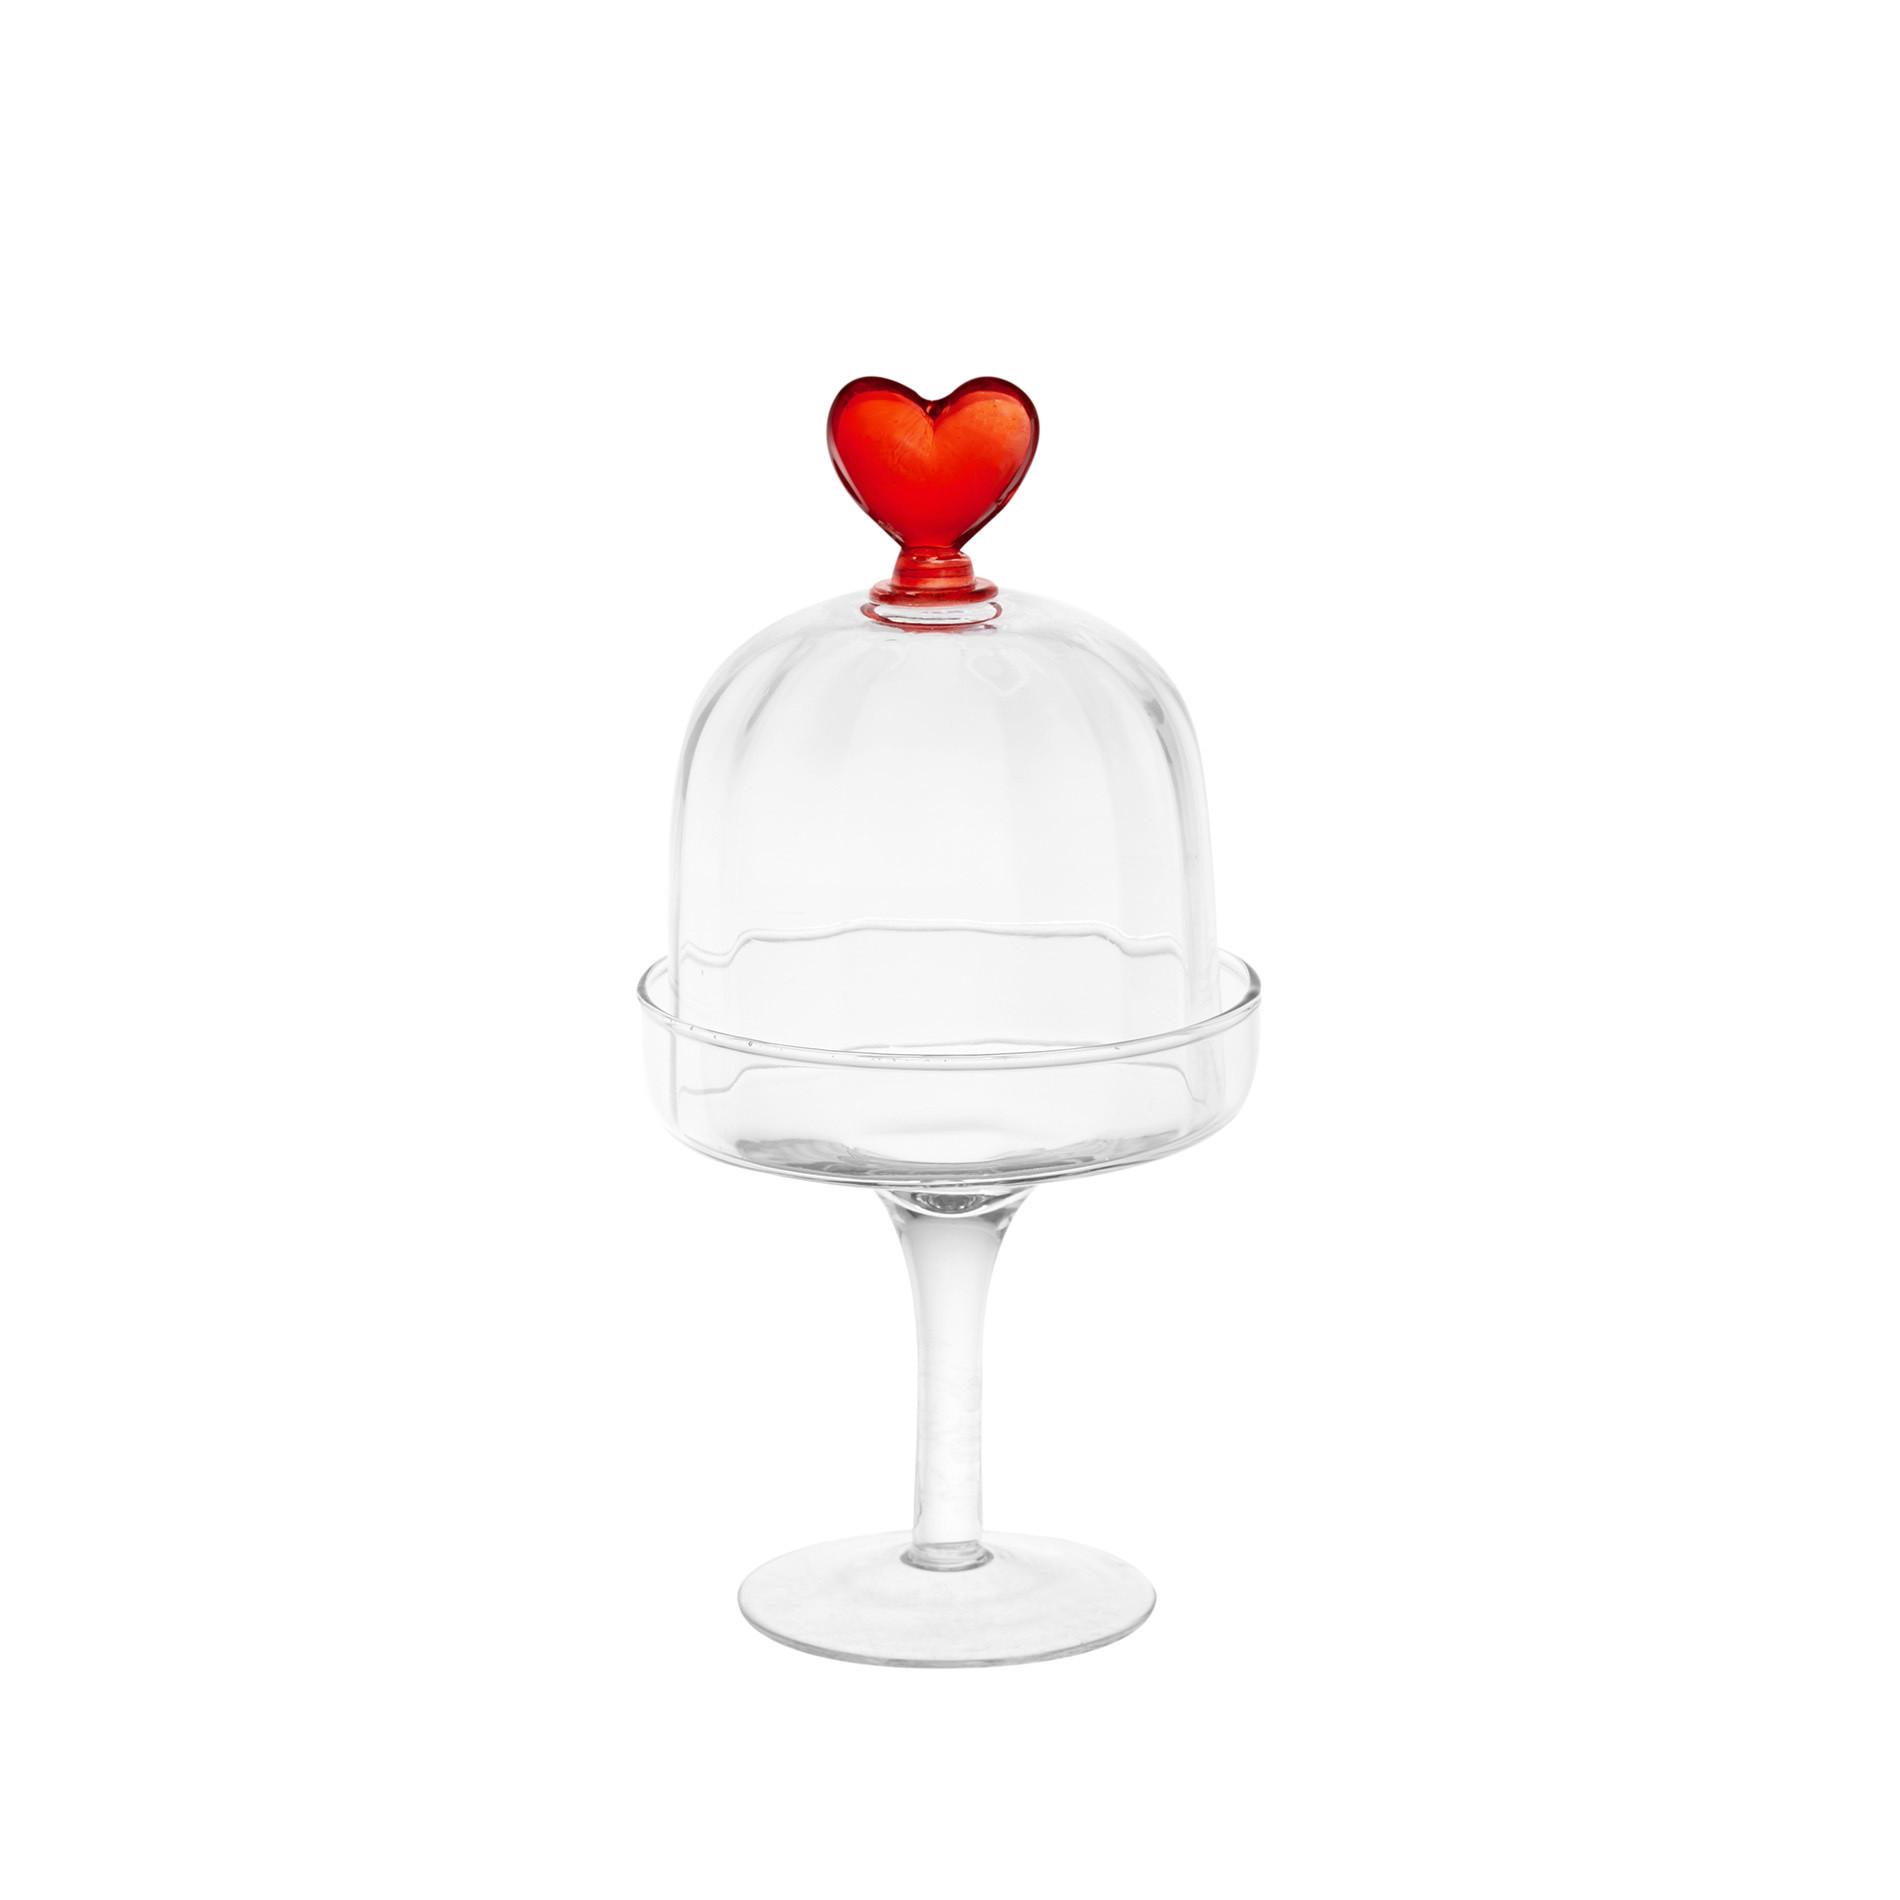 Alzatina in vetro dettaglio cuore - coincasa